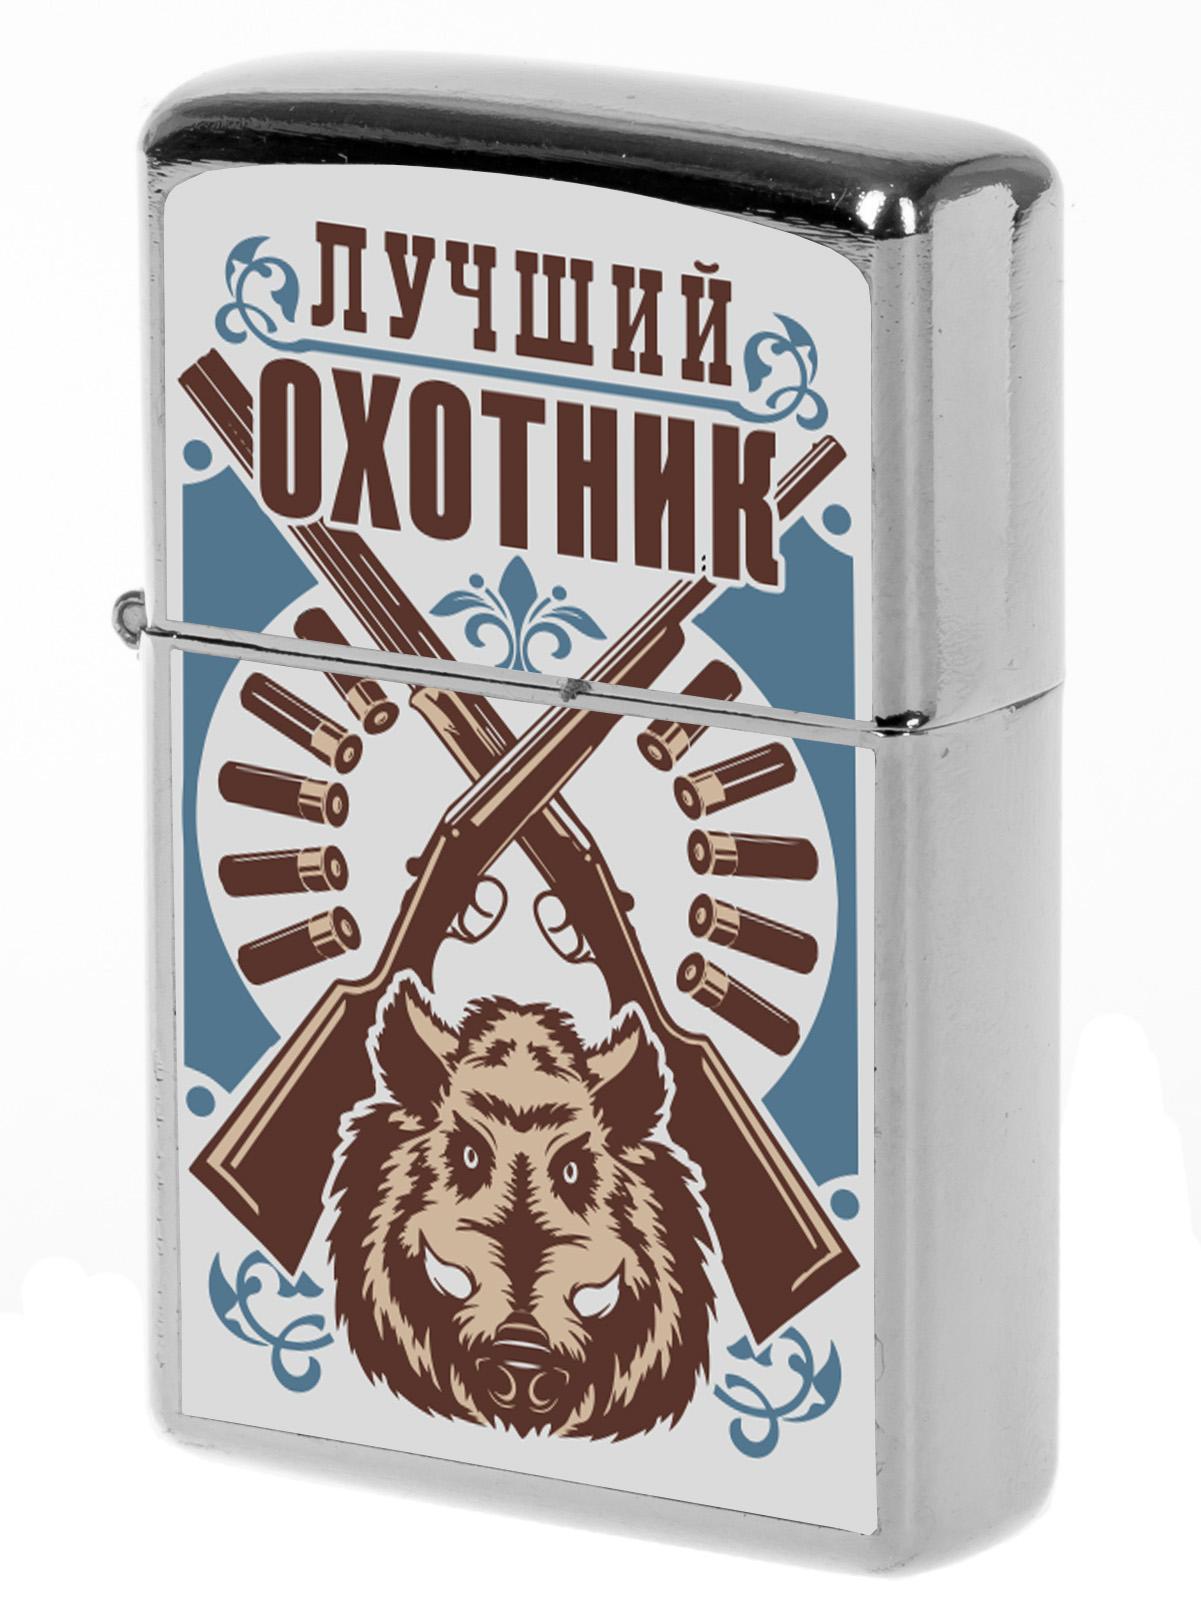 Сувенирная зажигалка Лучший охотник купить выгодно